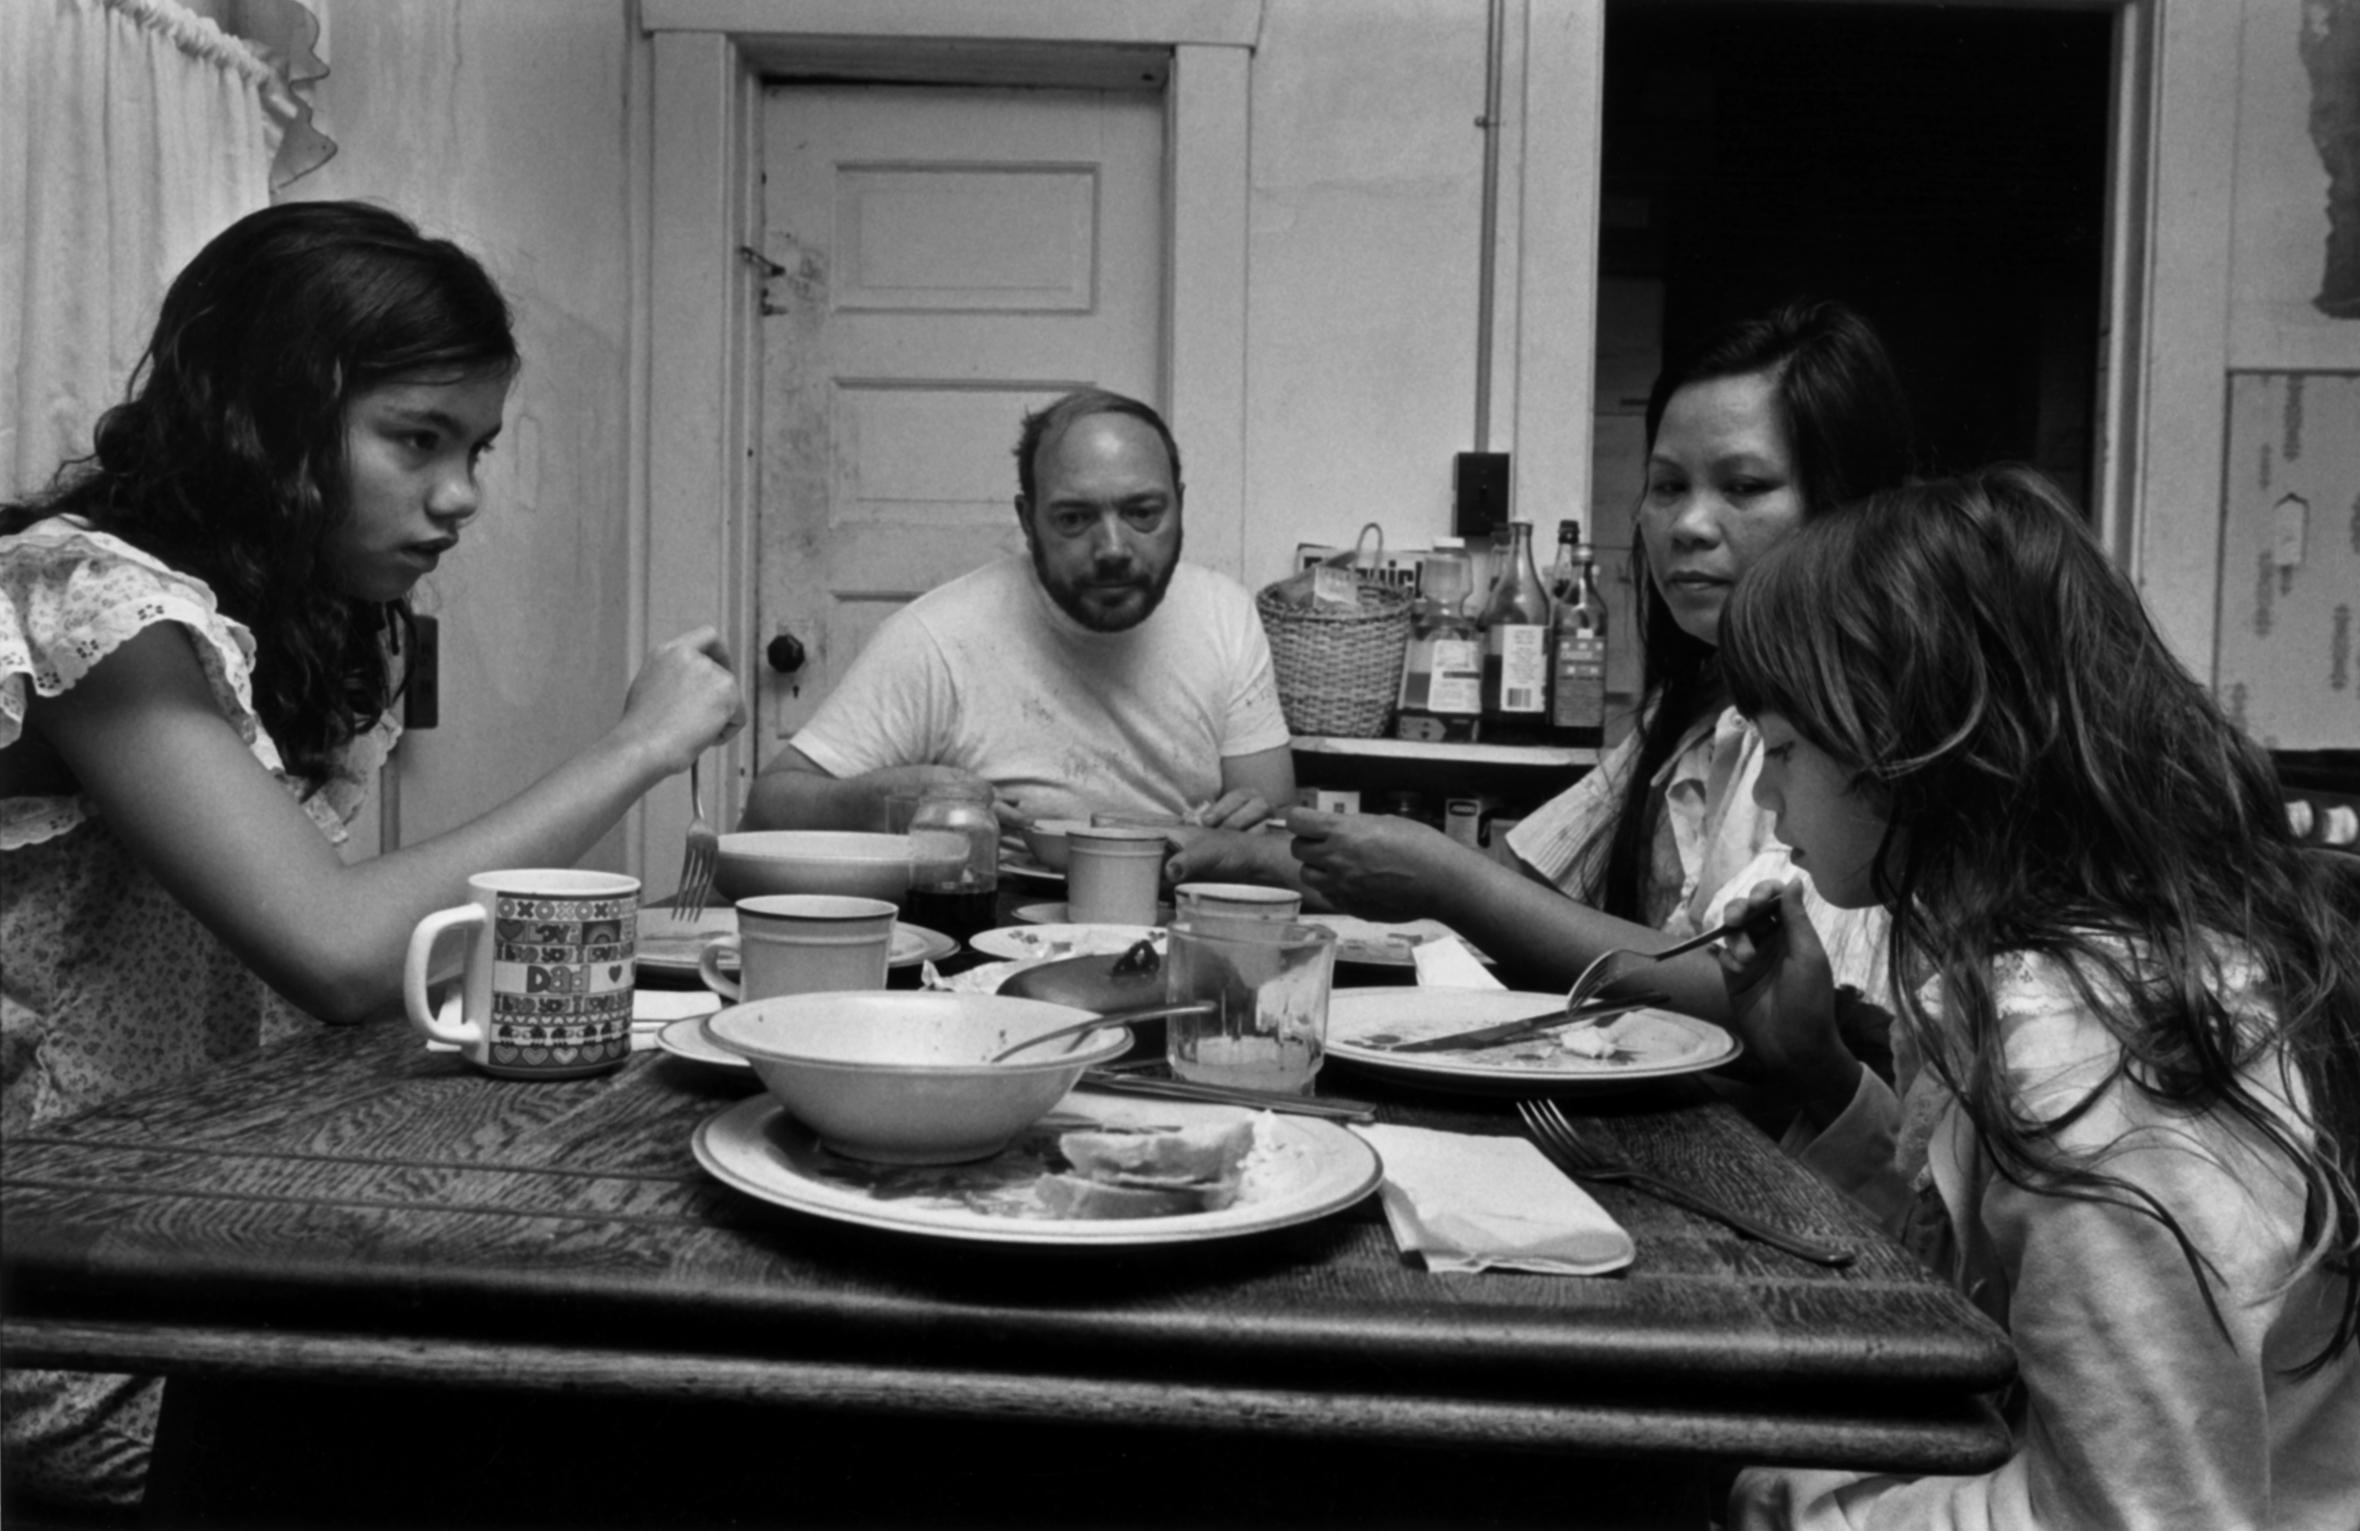 399 - Carroll - The Dinner Table